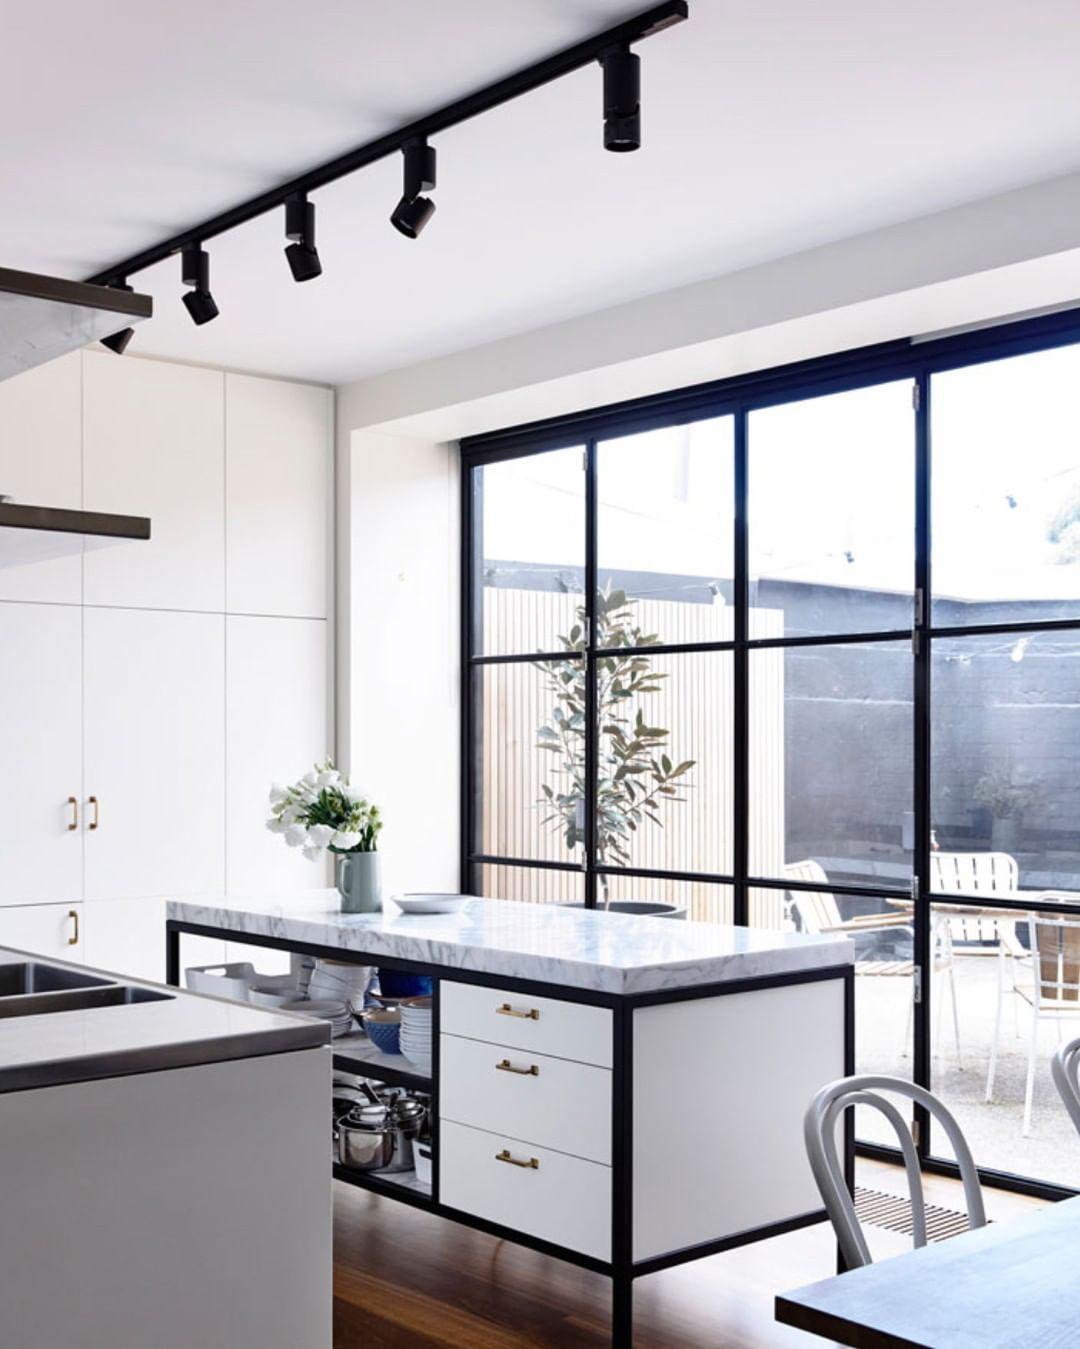 The Designory On Instagram Who Doesn T Love Black Framed Windows Certainly Not Us We Love How Maarchitects Have Acc Kokken Lamper Moderne Kokkener Kokken